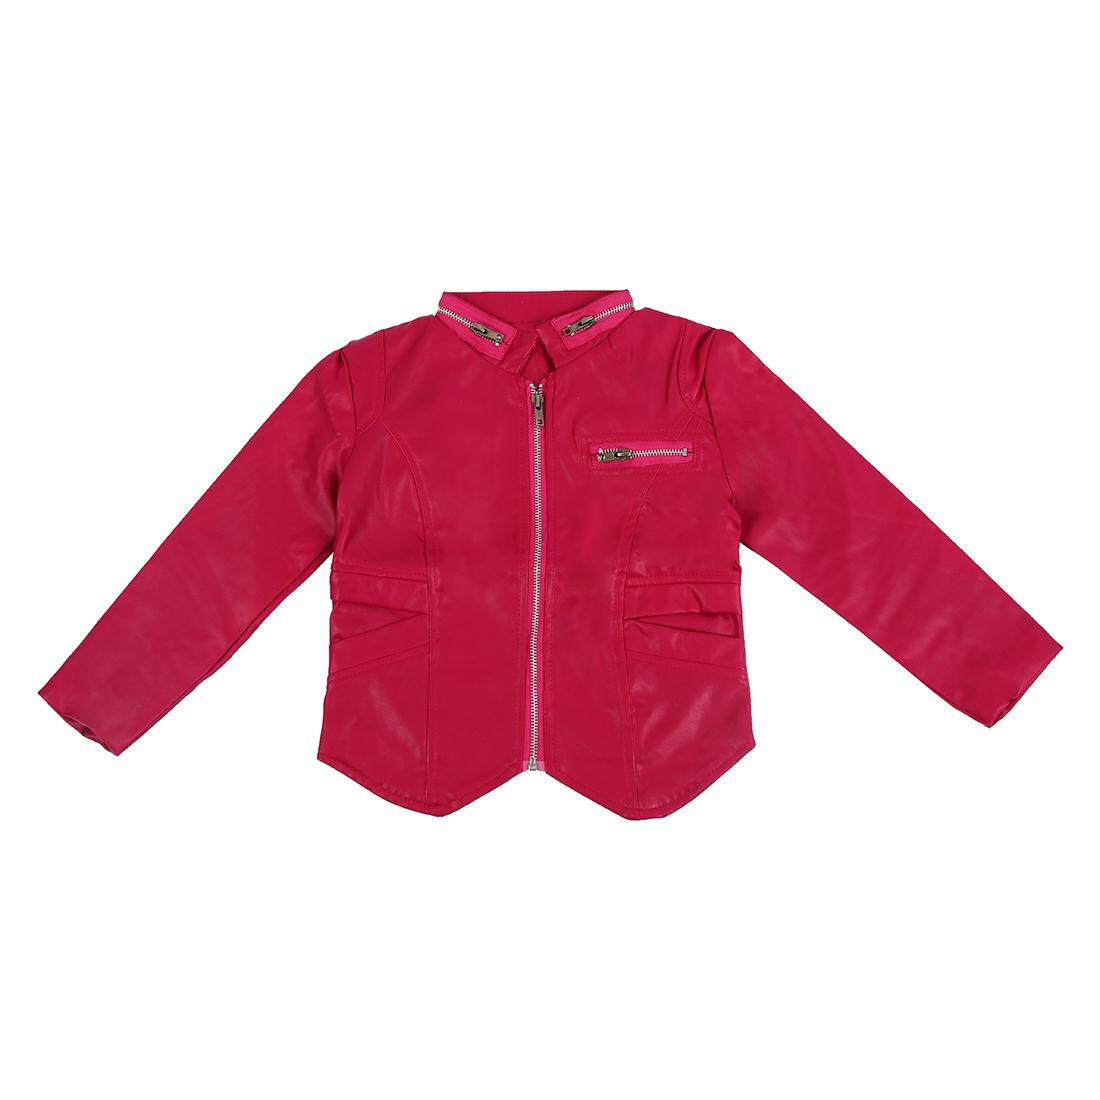 เด็กแองเจิลปีกทนกว่าแจ็คเก็ตสำหรับเด็กสาวเด็กแฟชั่นเสื้อหนังเทียมสำหรับฤดูใบไม้ร่วง Outerwear เสื้อผ้ากุหลาบสีแดง 110 เซนติเมตร - นานาชาติ.